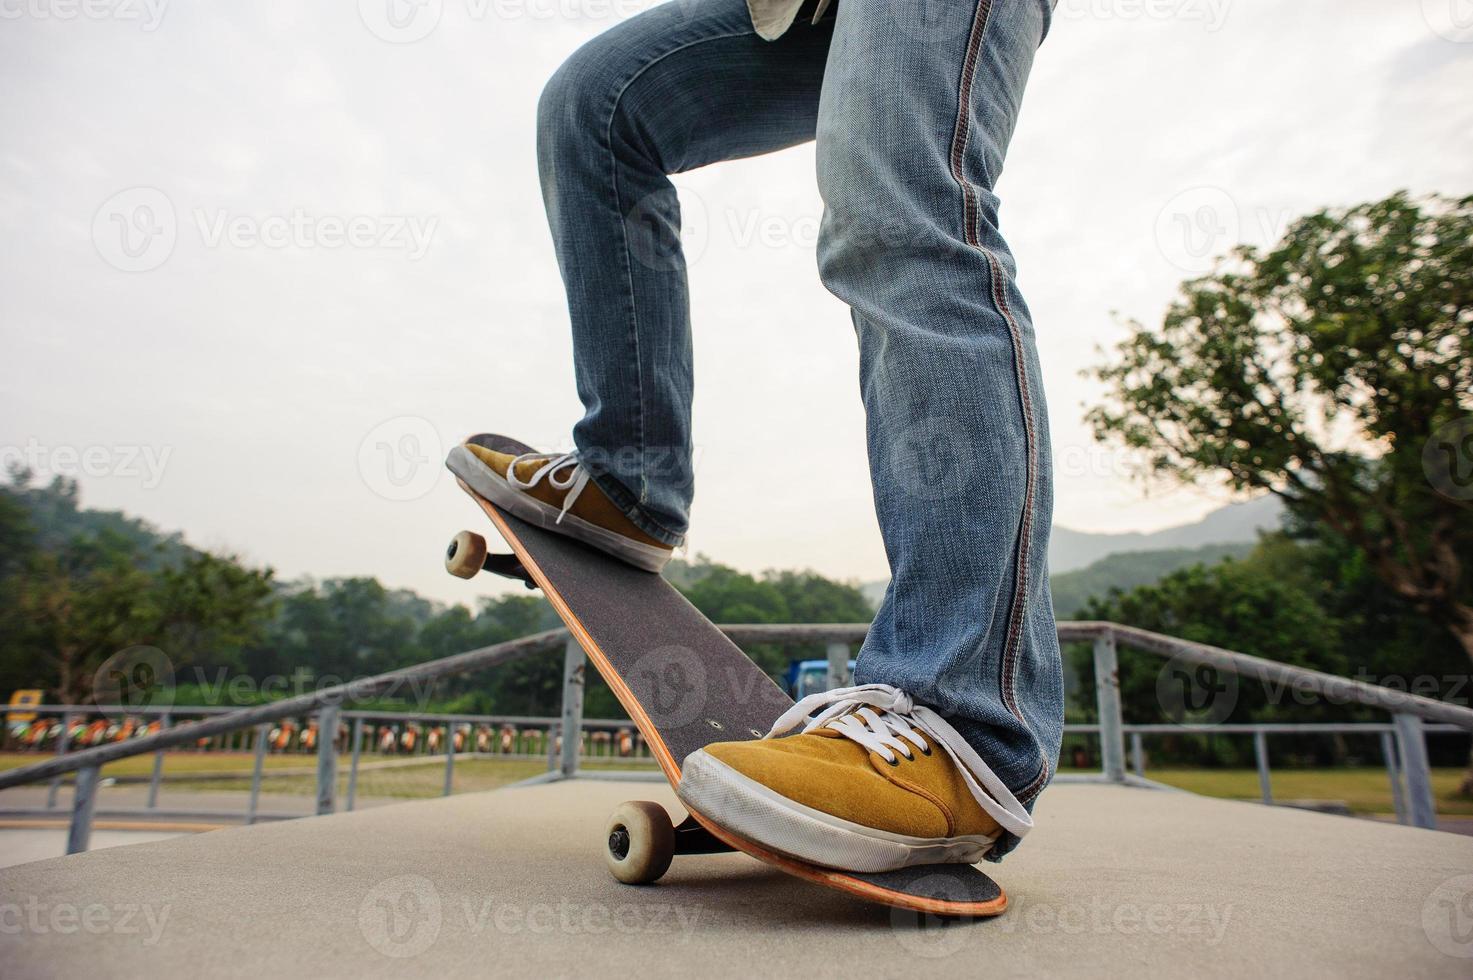 skateboarder rijden op skateboard in skatepark foto